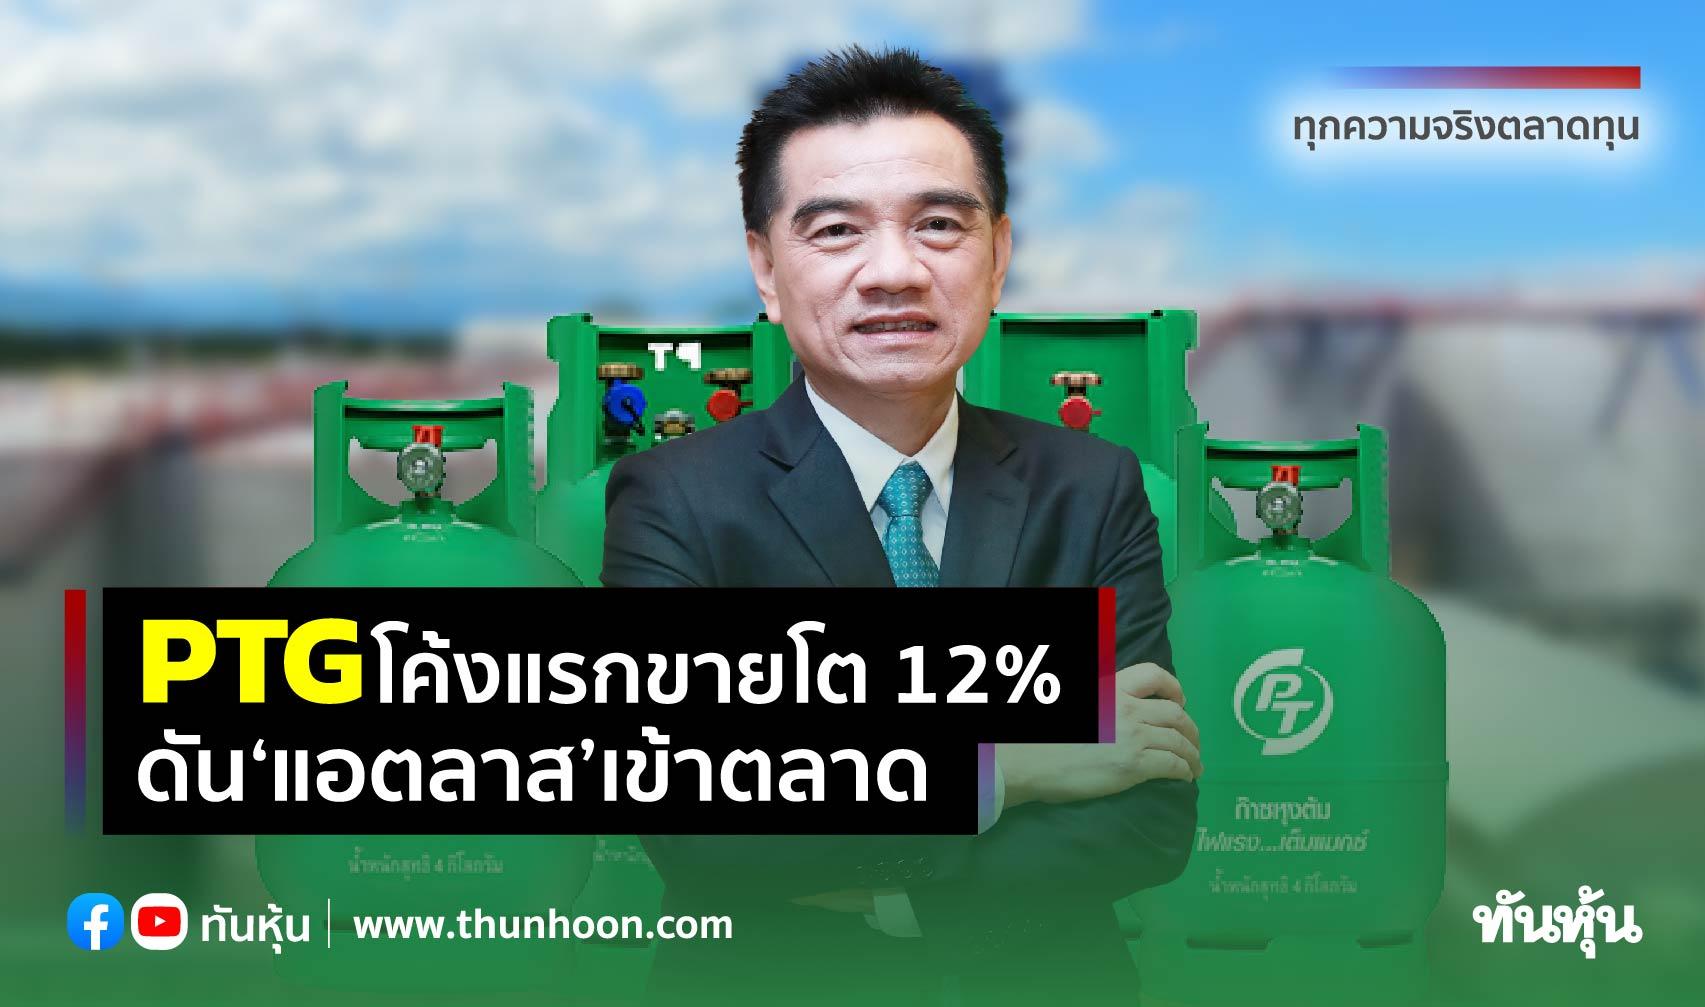 PTGโค้งแรกขายโต12% ดัน'แอตลาส'เข้าตลาด